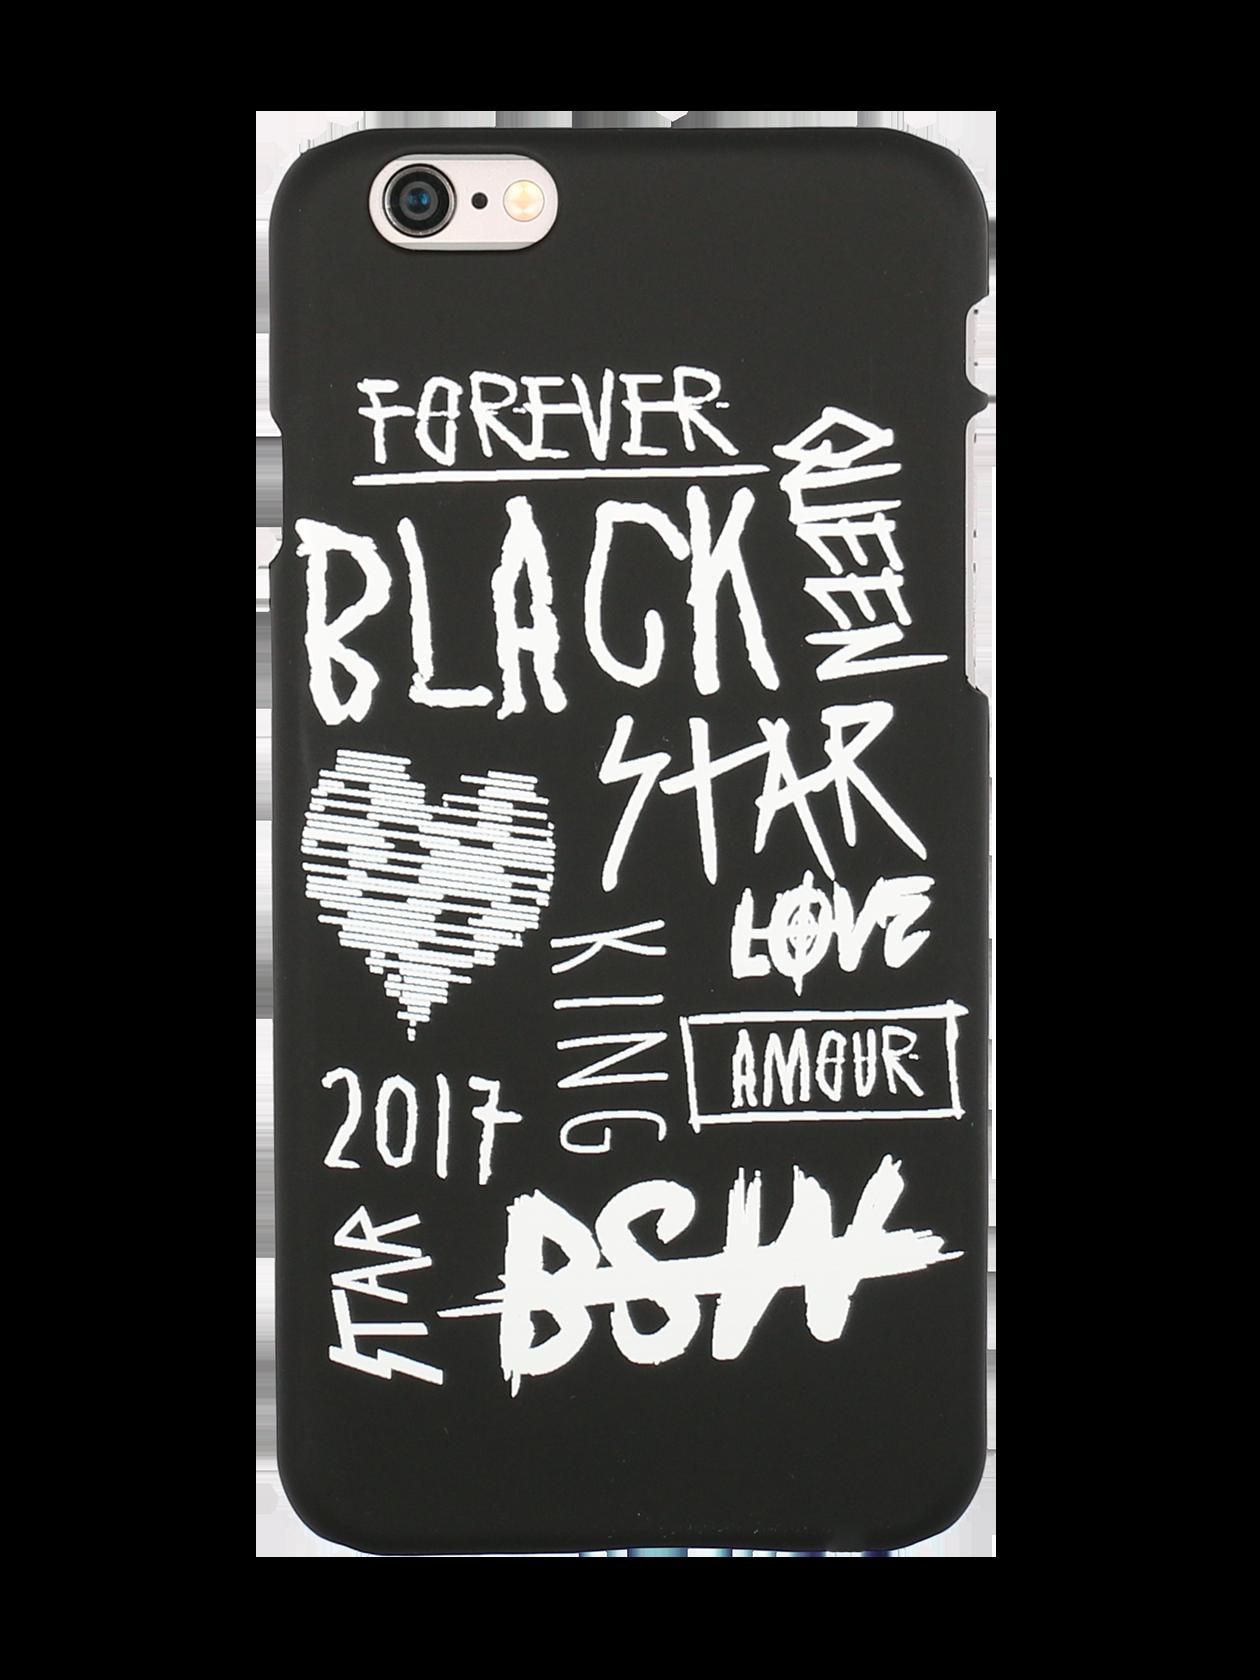 CASE FOR PHONE AMOURЧехол для телефона Amour  – яркий аксессуар и надежная защита любимого гаджета. Аксессуар изготовлен в виде задней стенки мобильного устройства, идеально повторяющей его контуры и предупреждающей попадание пыли. Выполнен из практичного пластика с матовой текстурой. По всему корпусу оформлены контрастные надписи и символы в стилистике Black Star. Изделие представлено в трех цветах – черном, красном, розовом.<br><br>size: 6<br>color: Black<br>gender: unisex